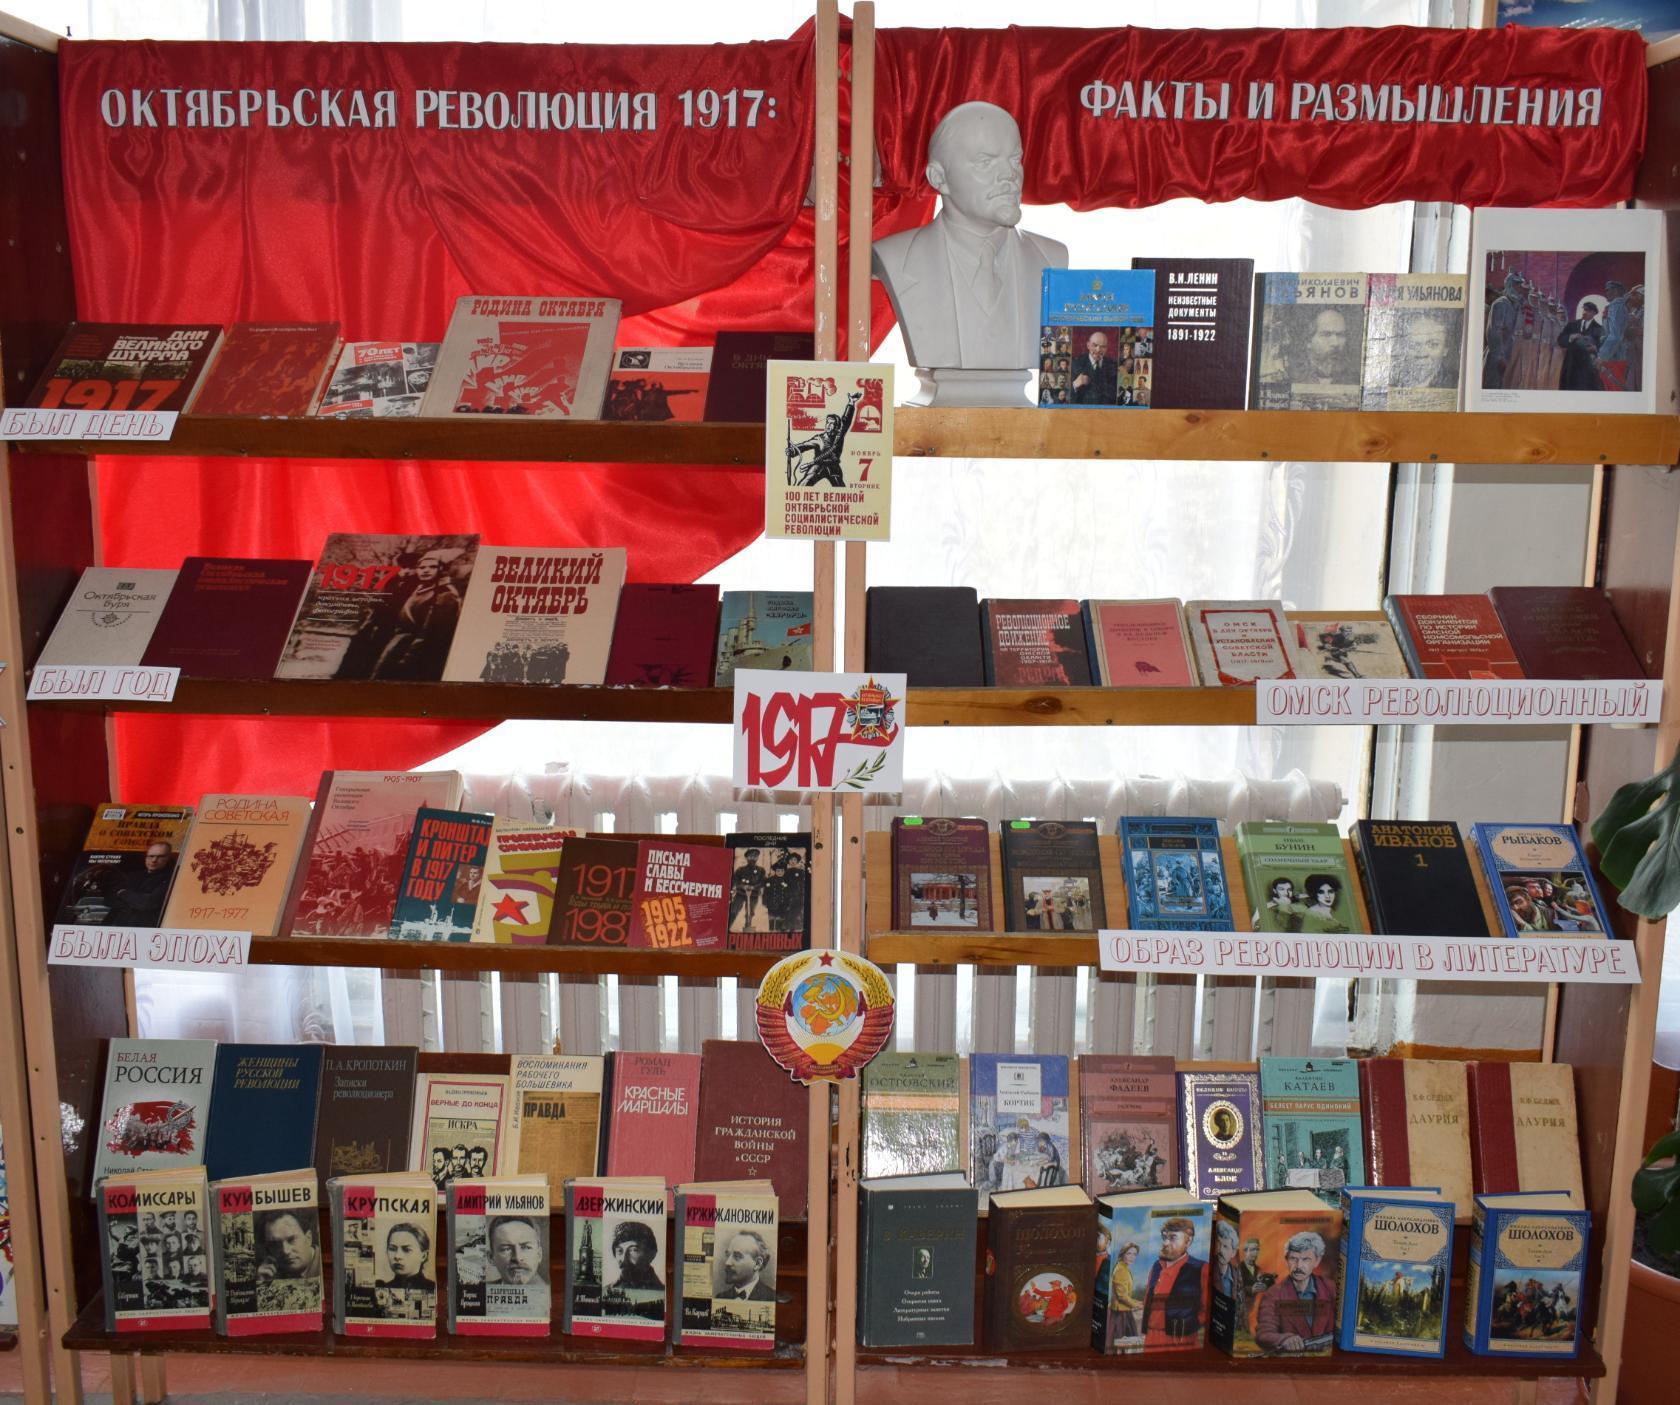 Октябрьская революция 1917: факты и размышления